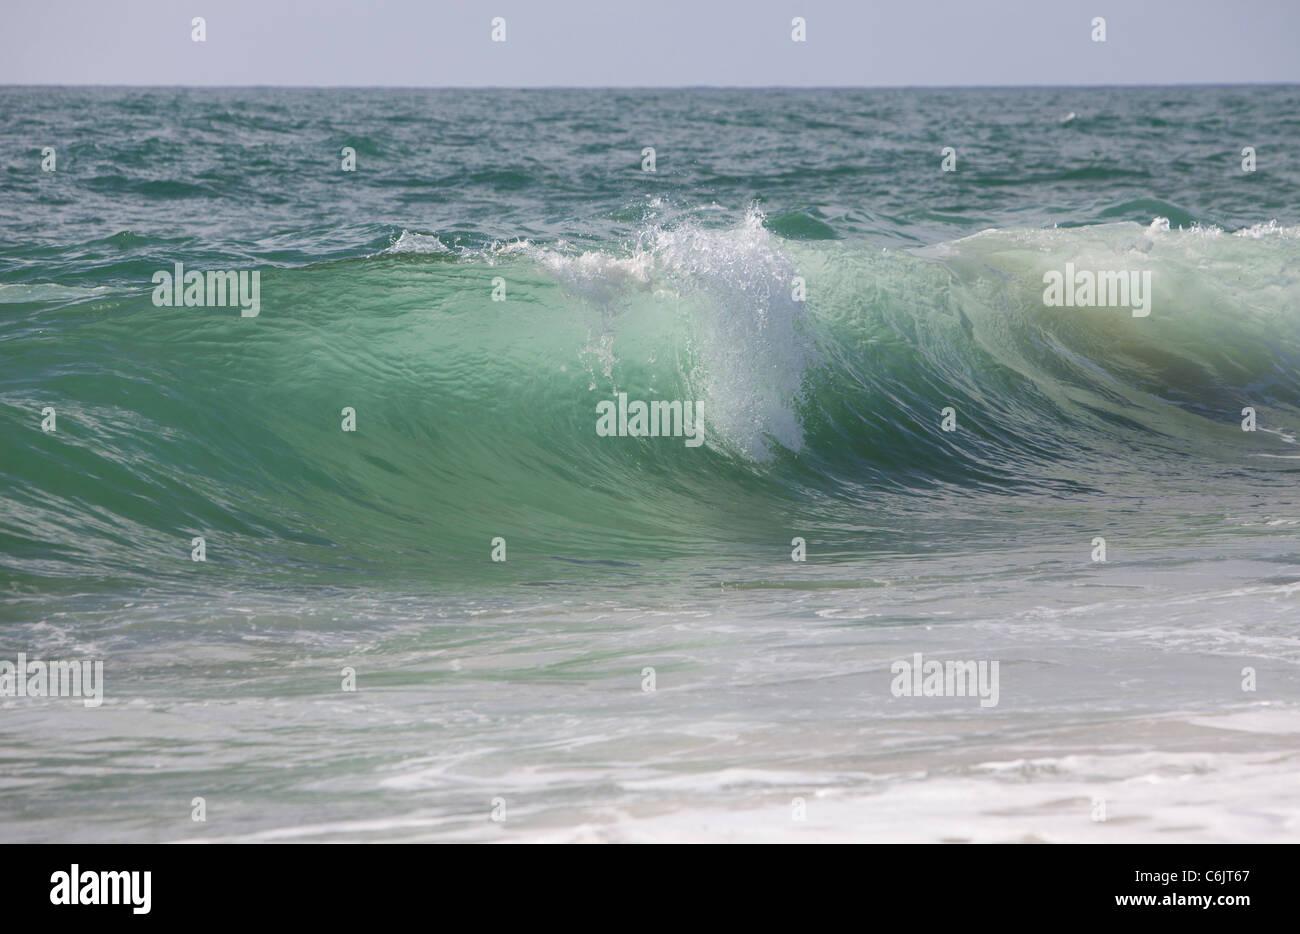 Meer Strand Farben Wasser Hintergrund Ozeanwelle geöffnet Stockbild